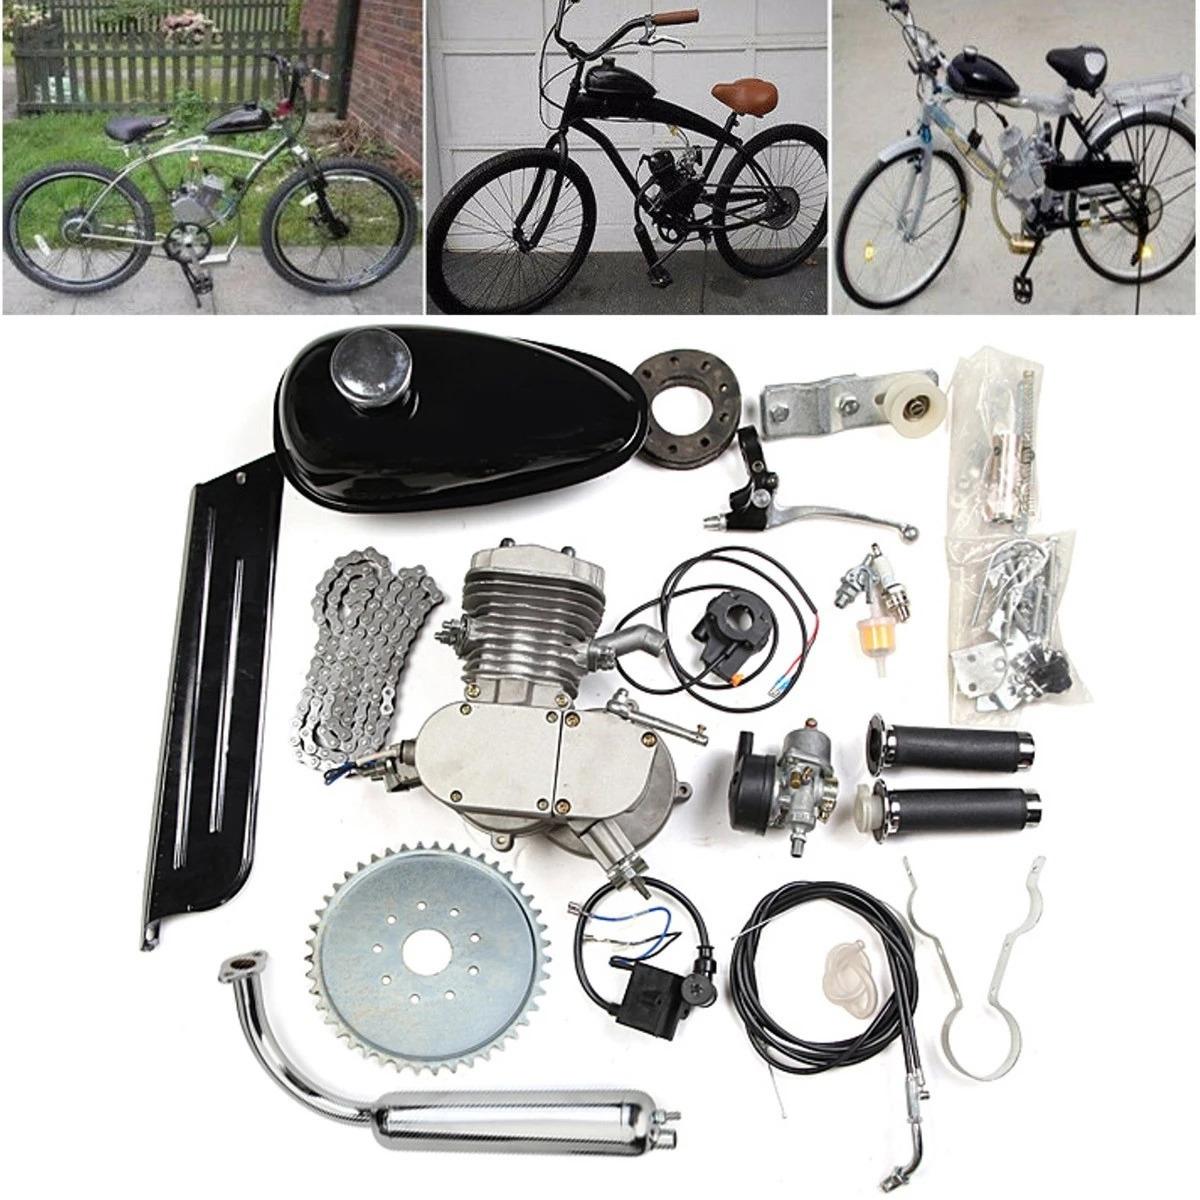 Бензиновый комплект двигателя для велосипеда -